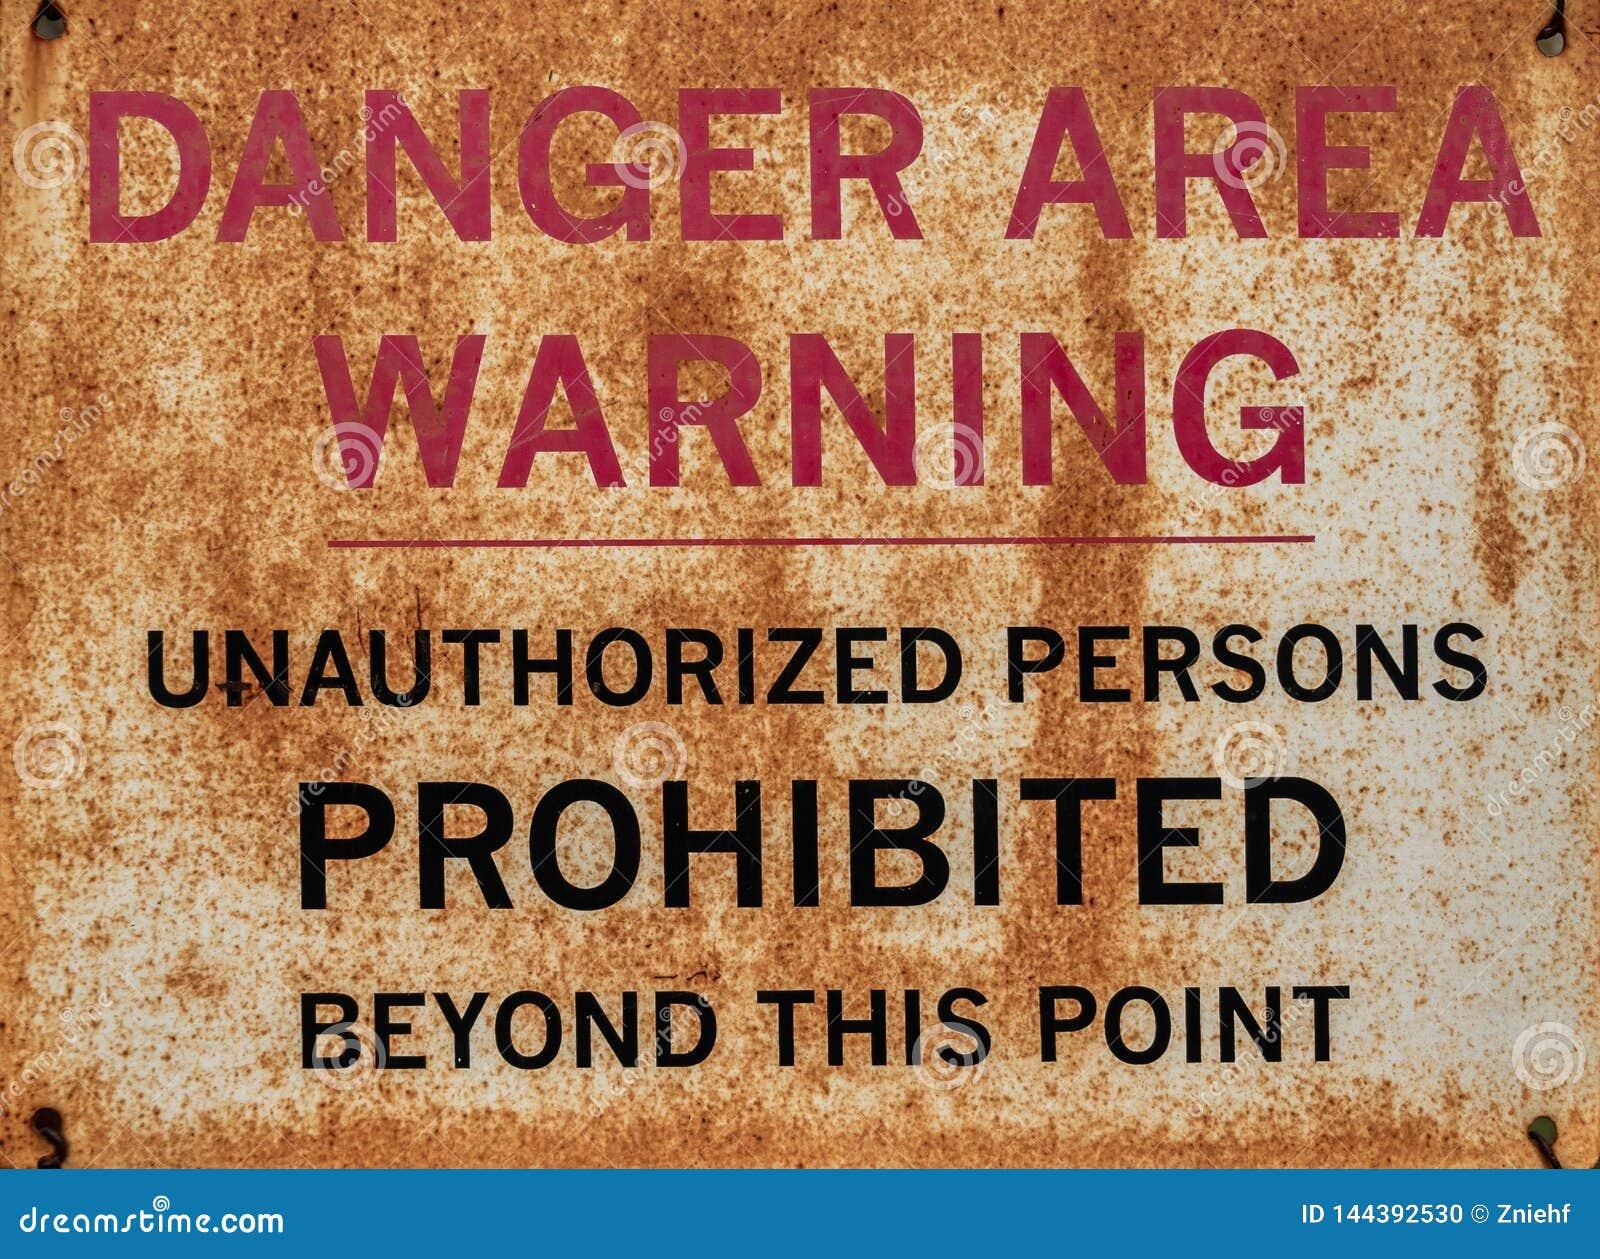 Sinal de aviso oxidado com a inscrição: Zona de perigo, aviso, pessoas desautorizadas proibidas além deste ponto